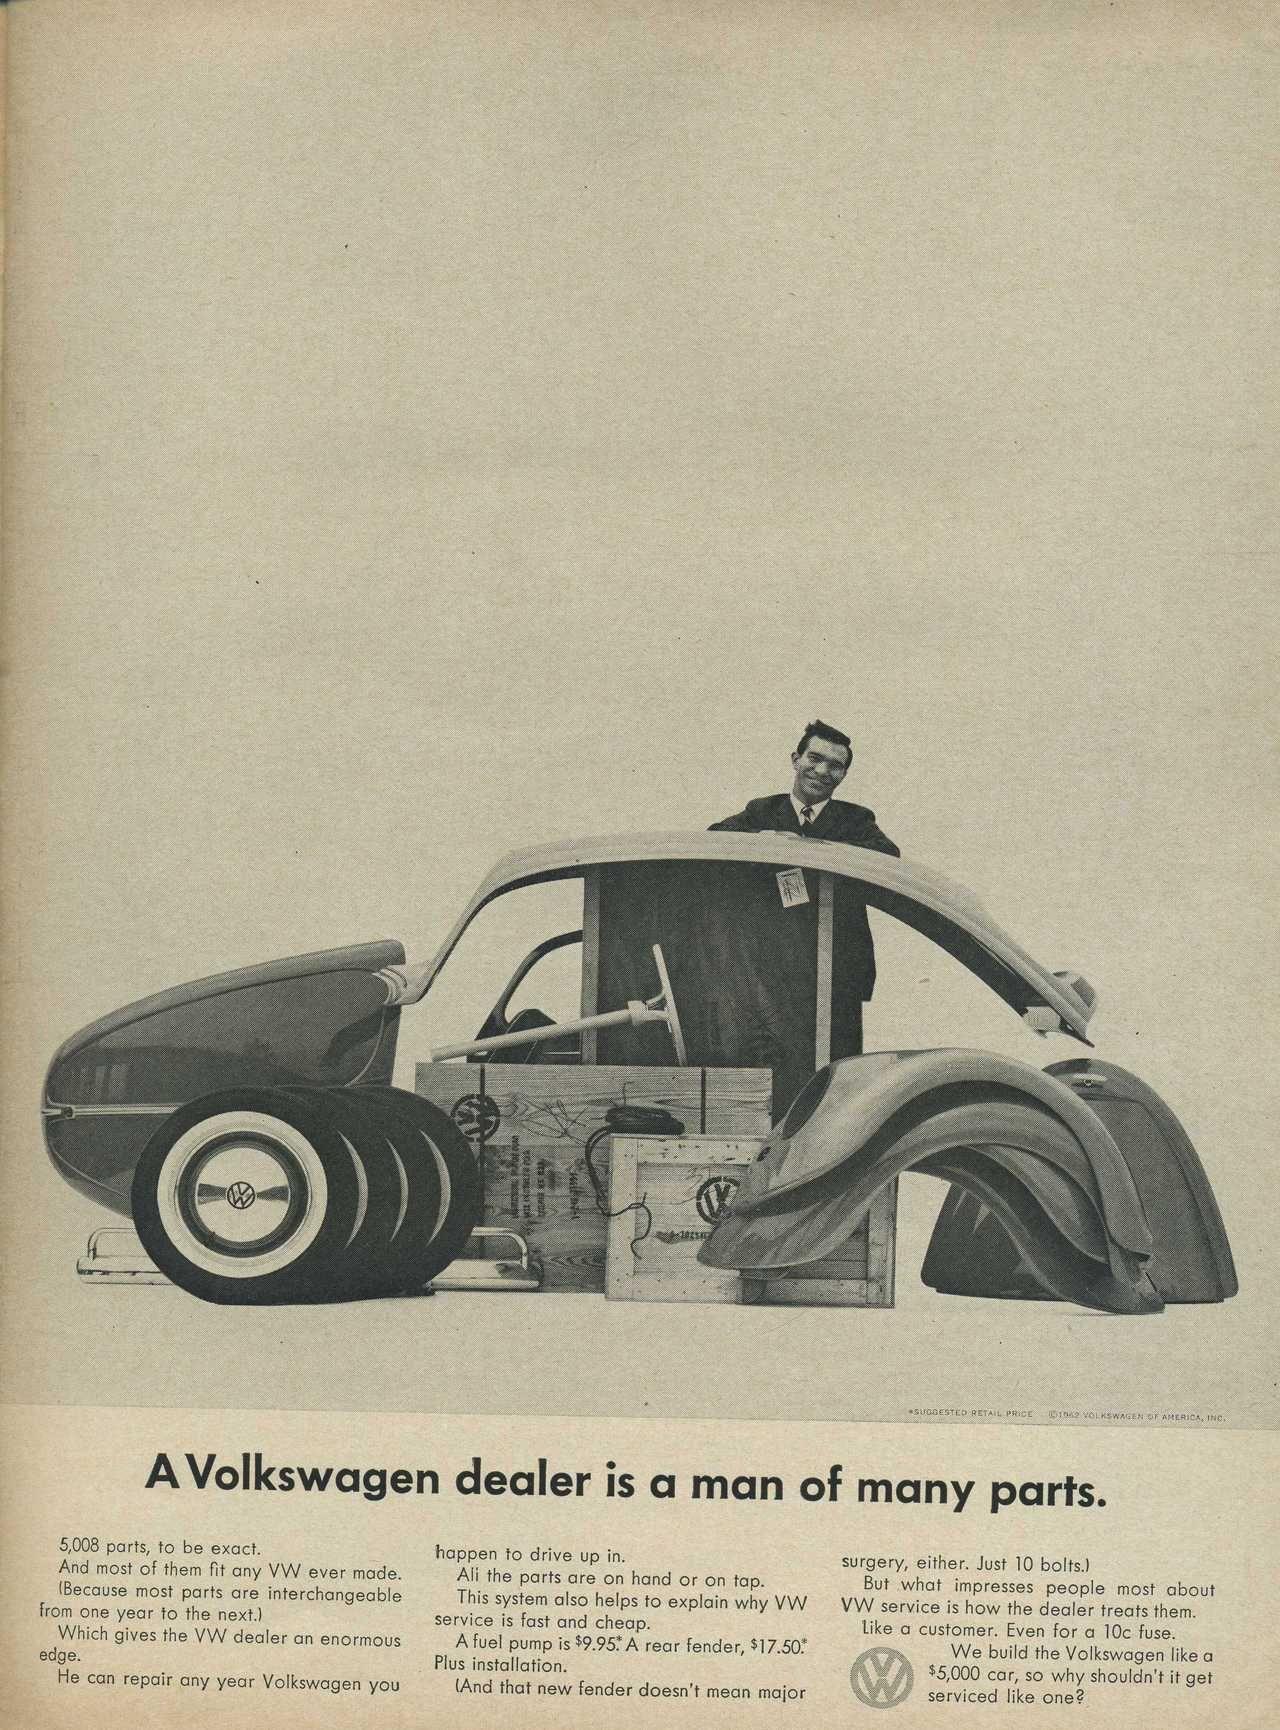 medium resolution of 1962 volkswagen beetle advertisement photo picture